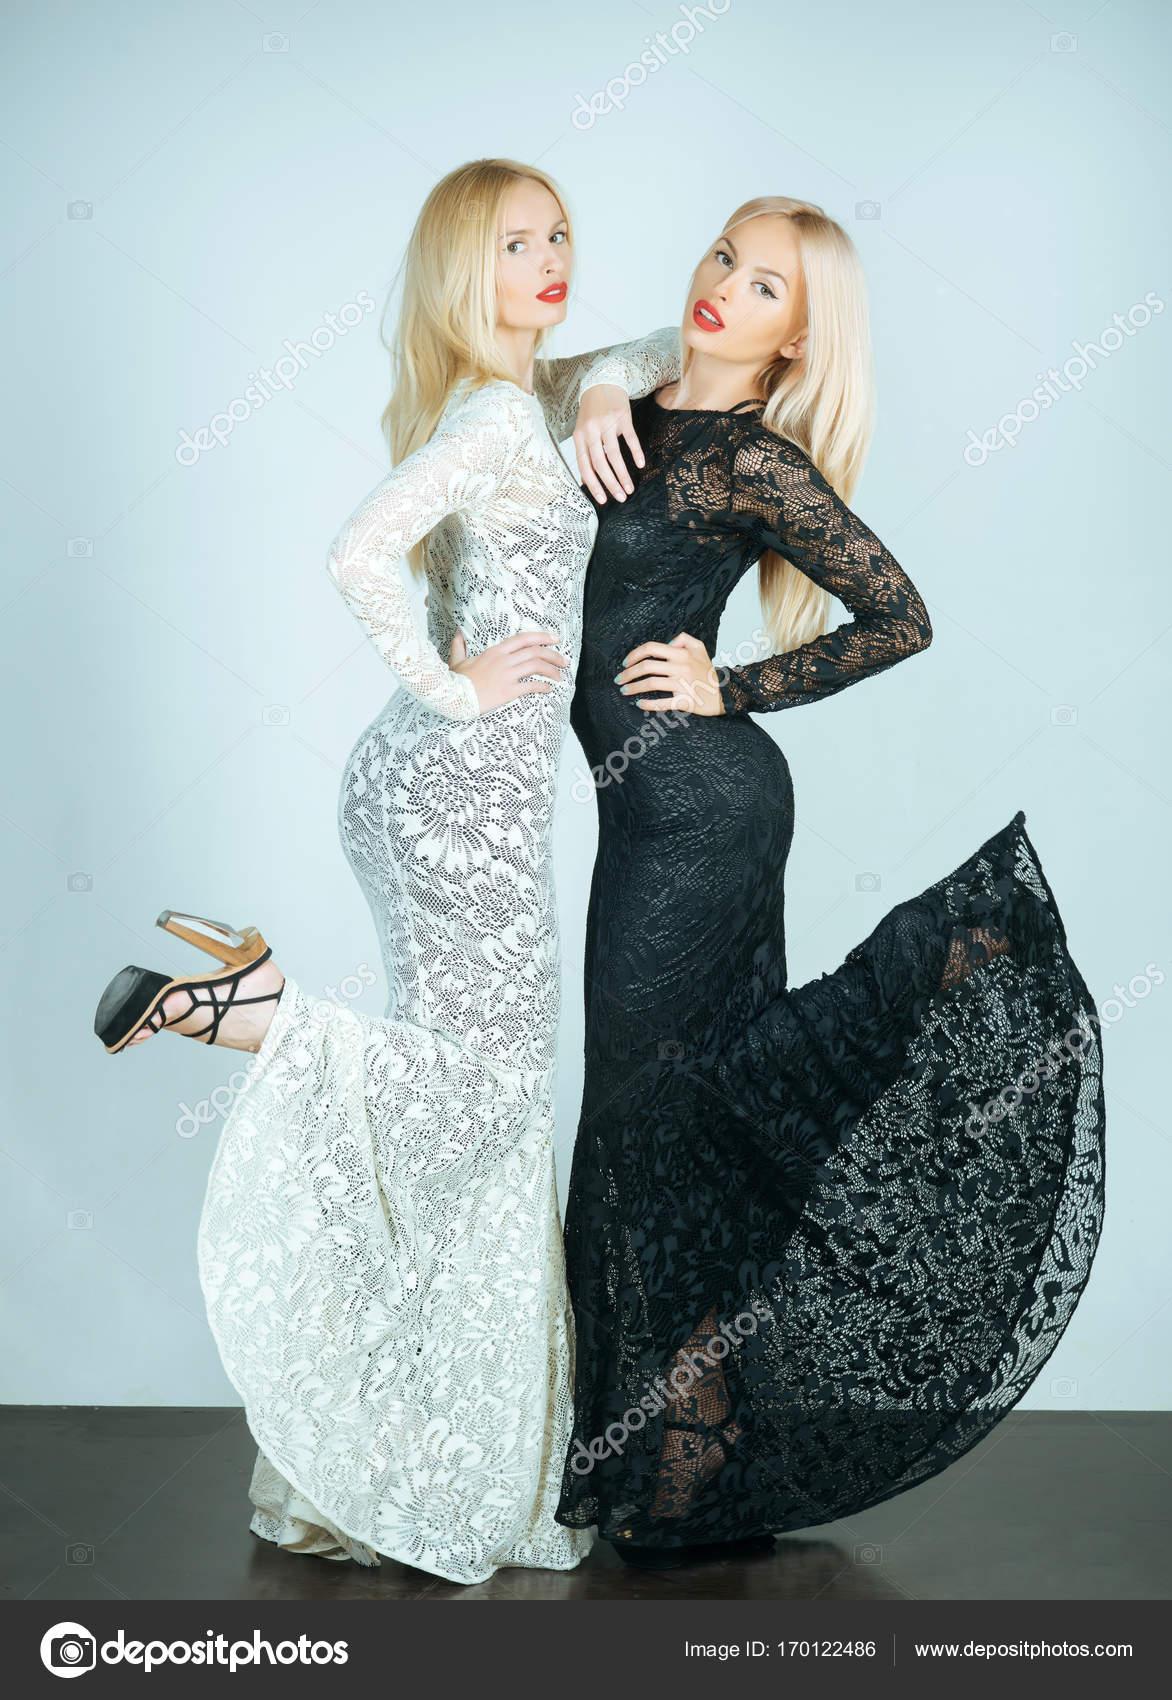 e00def5c89f9 Ragazze con capelli lunghi biondi e trucco labbra rosse. Modelli glamour su  priorità bassa blu. Donna che posa in abiti di pizzo bianco e nero.